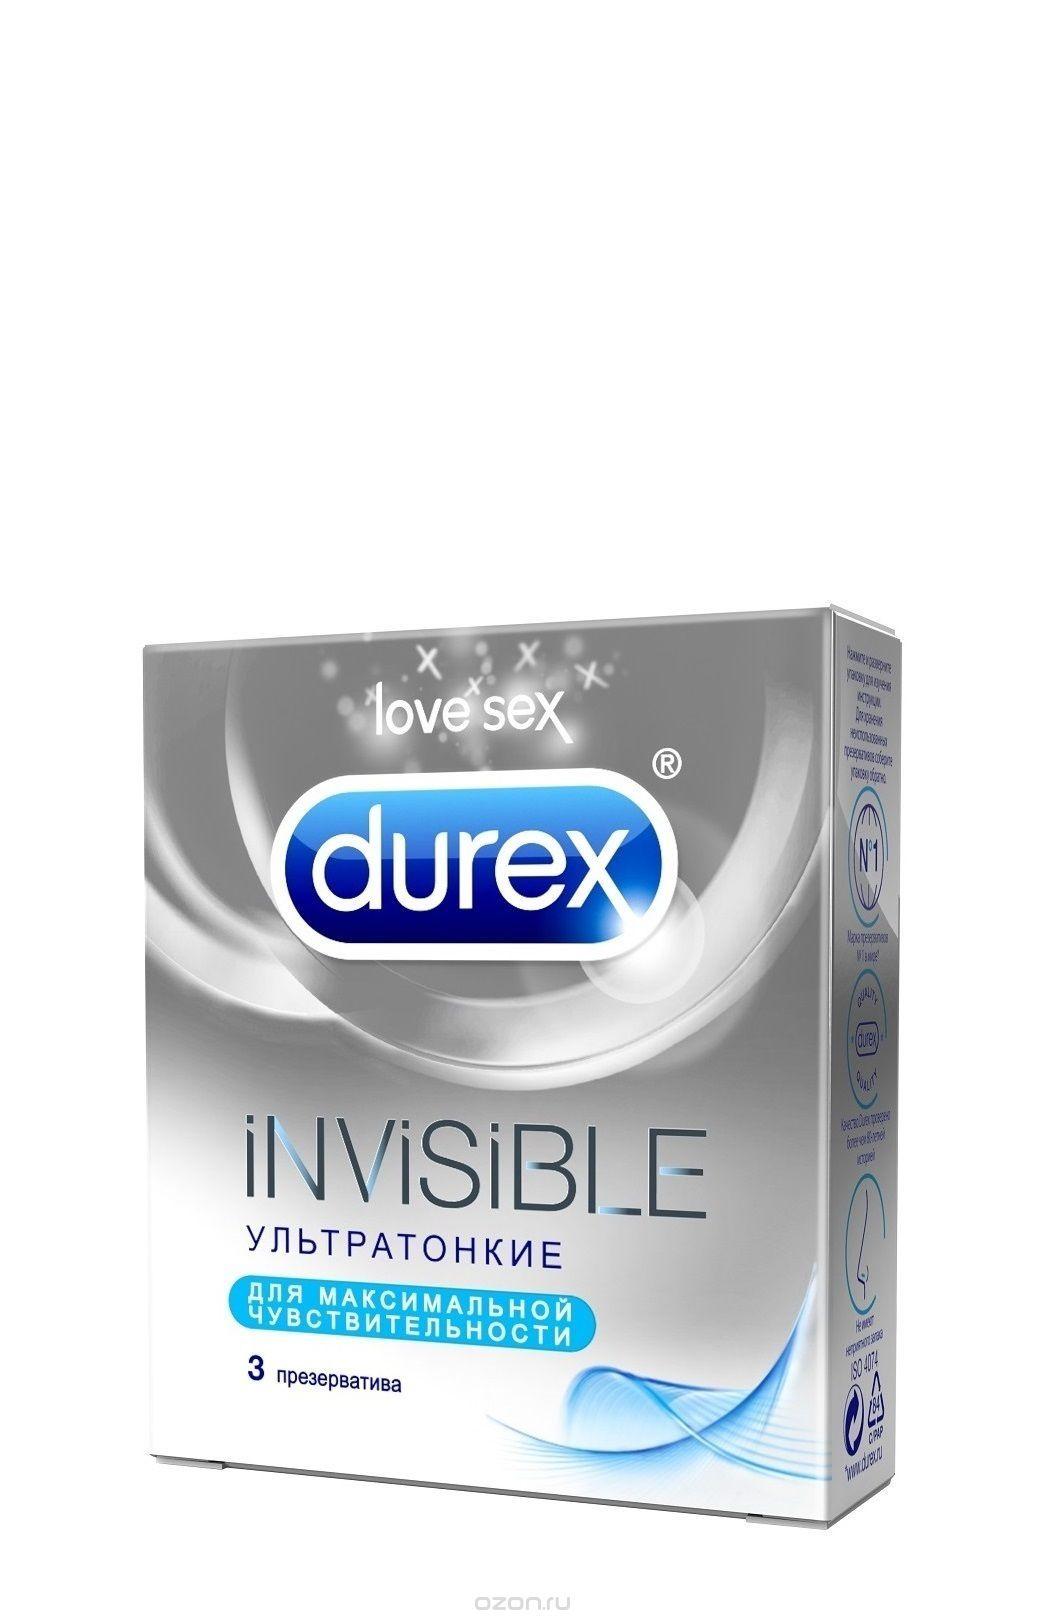 Презервативы Durex Invisible, презерватив, ультратонкие, 3 шт.